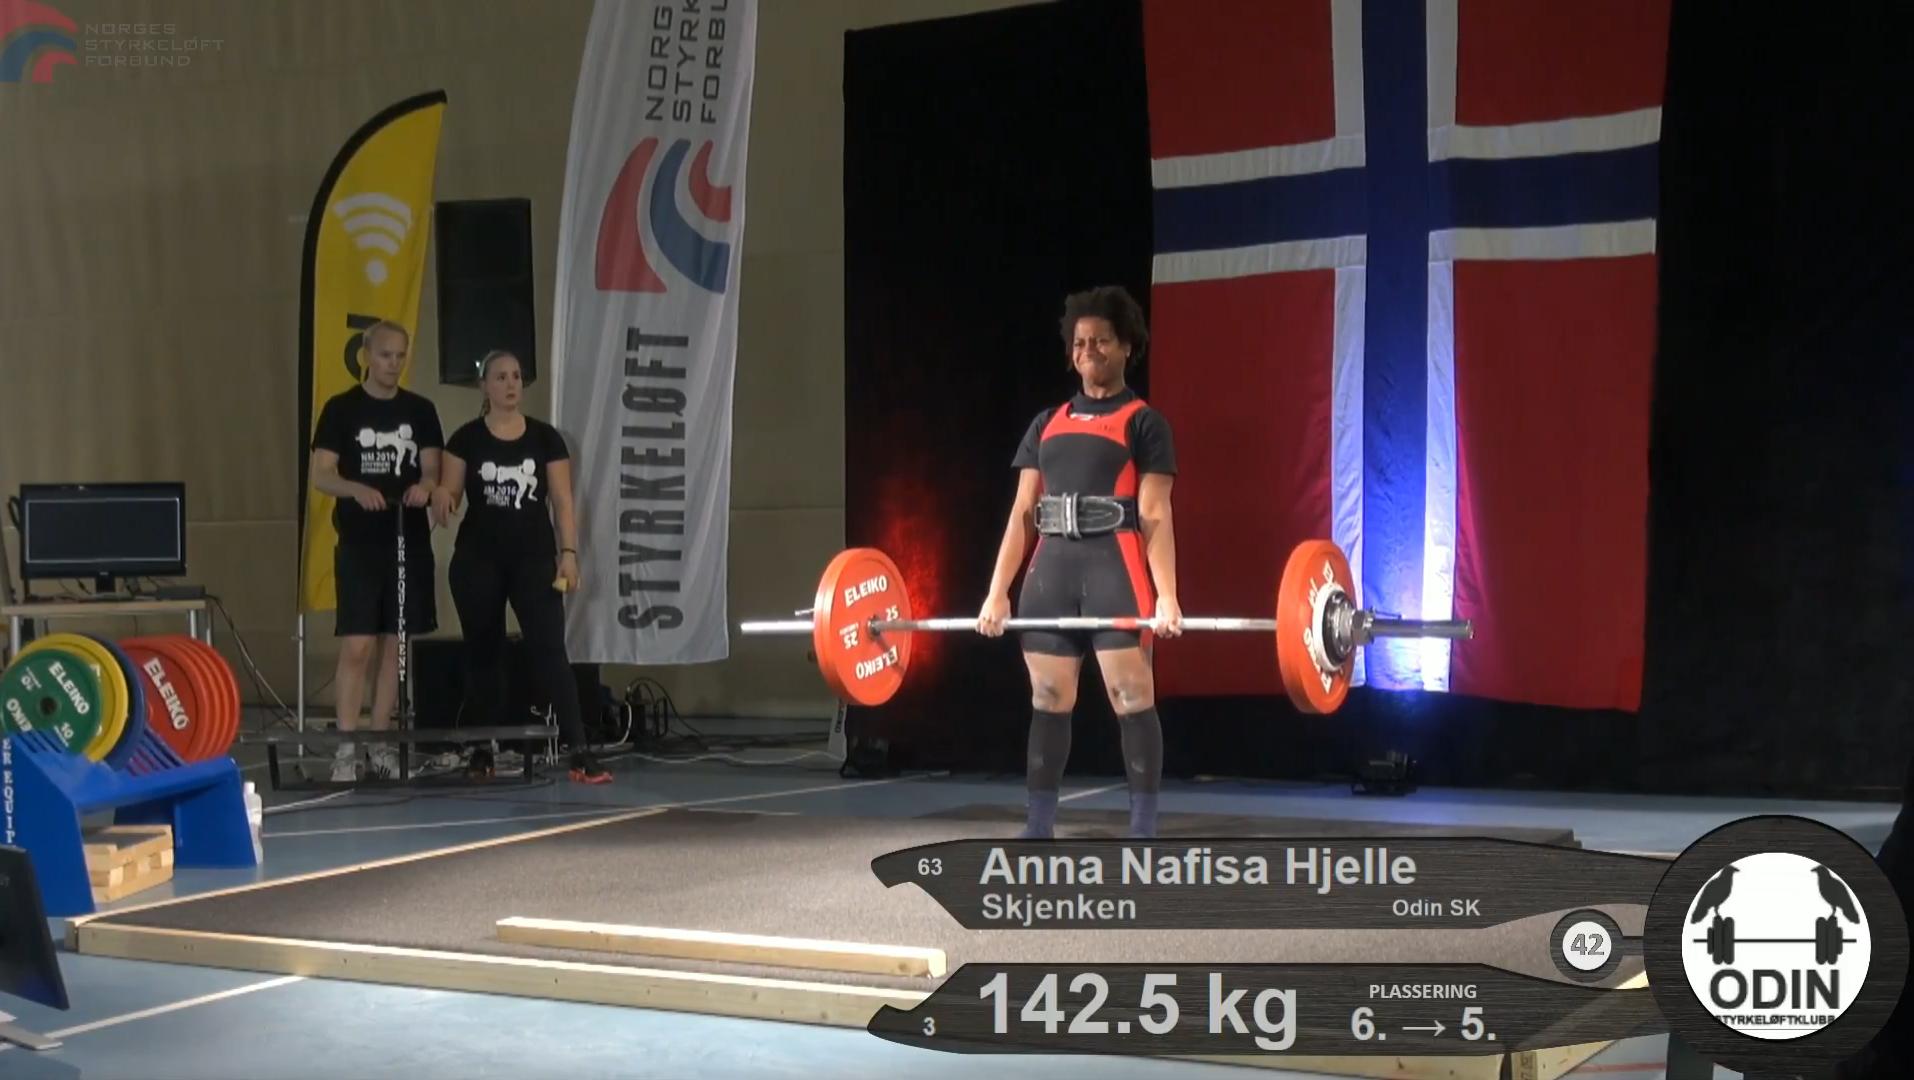 Anna Nafisa Hjelle Skjenken setter ny norsk rekord i markløft for ungdom 14-18 i NM Styrkeløft Utstyrsfritt 2016.